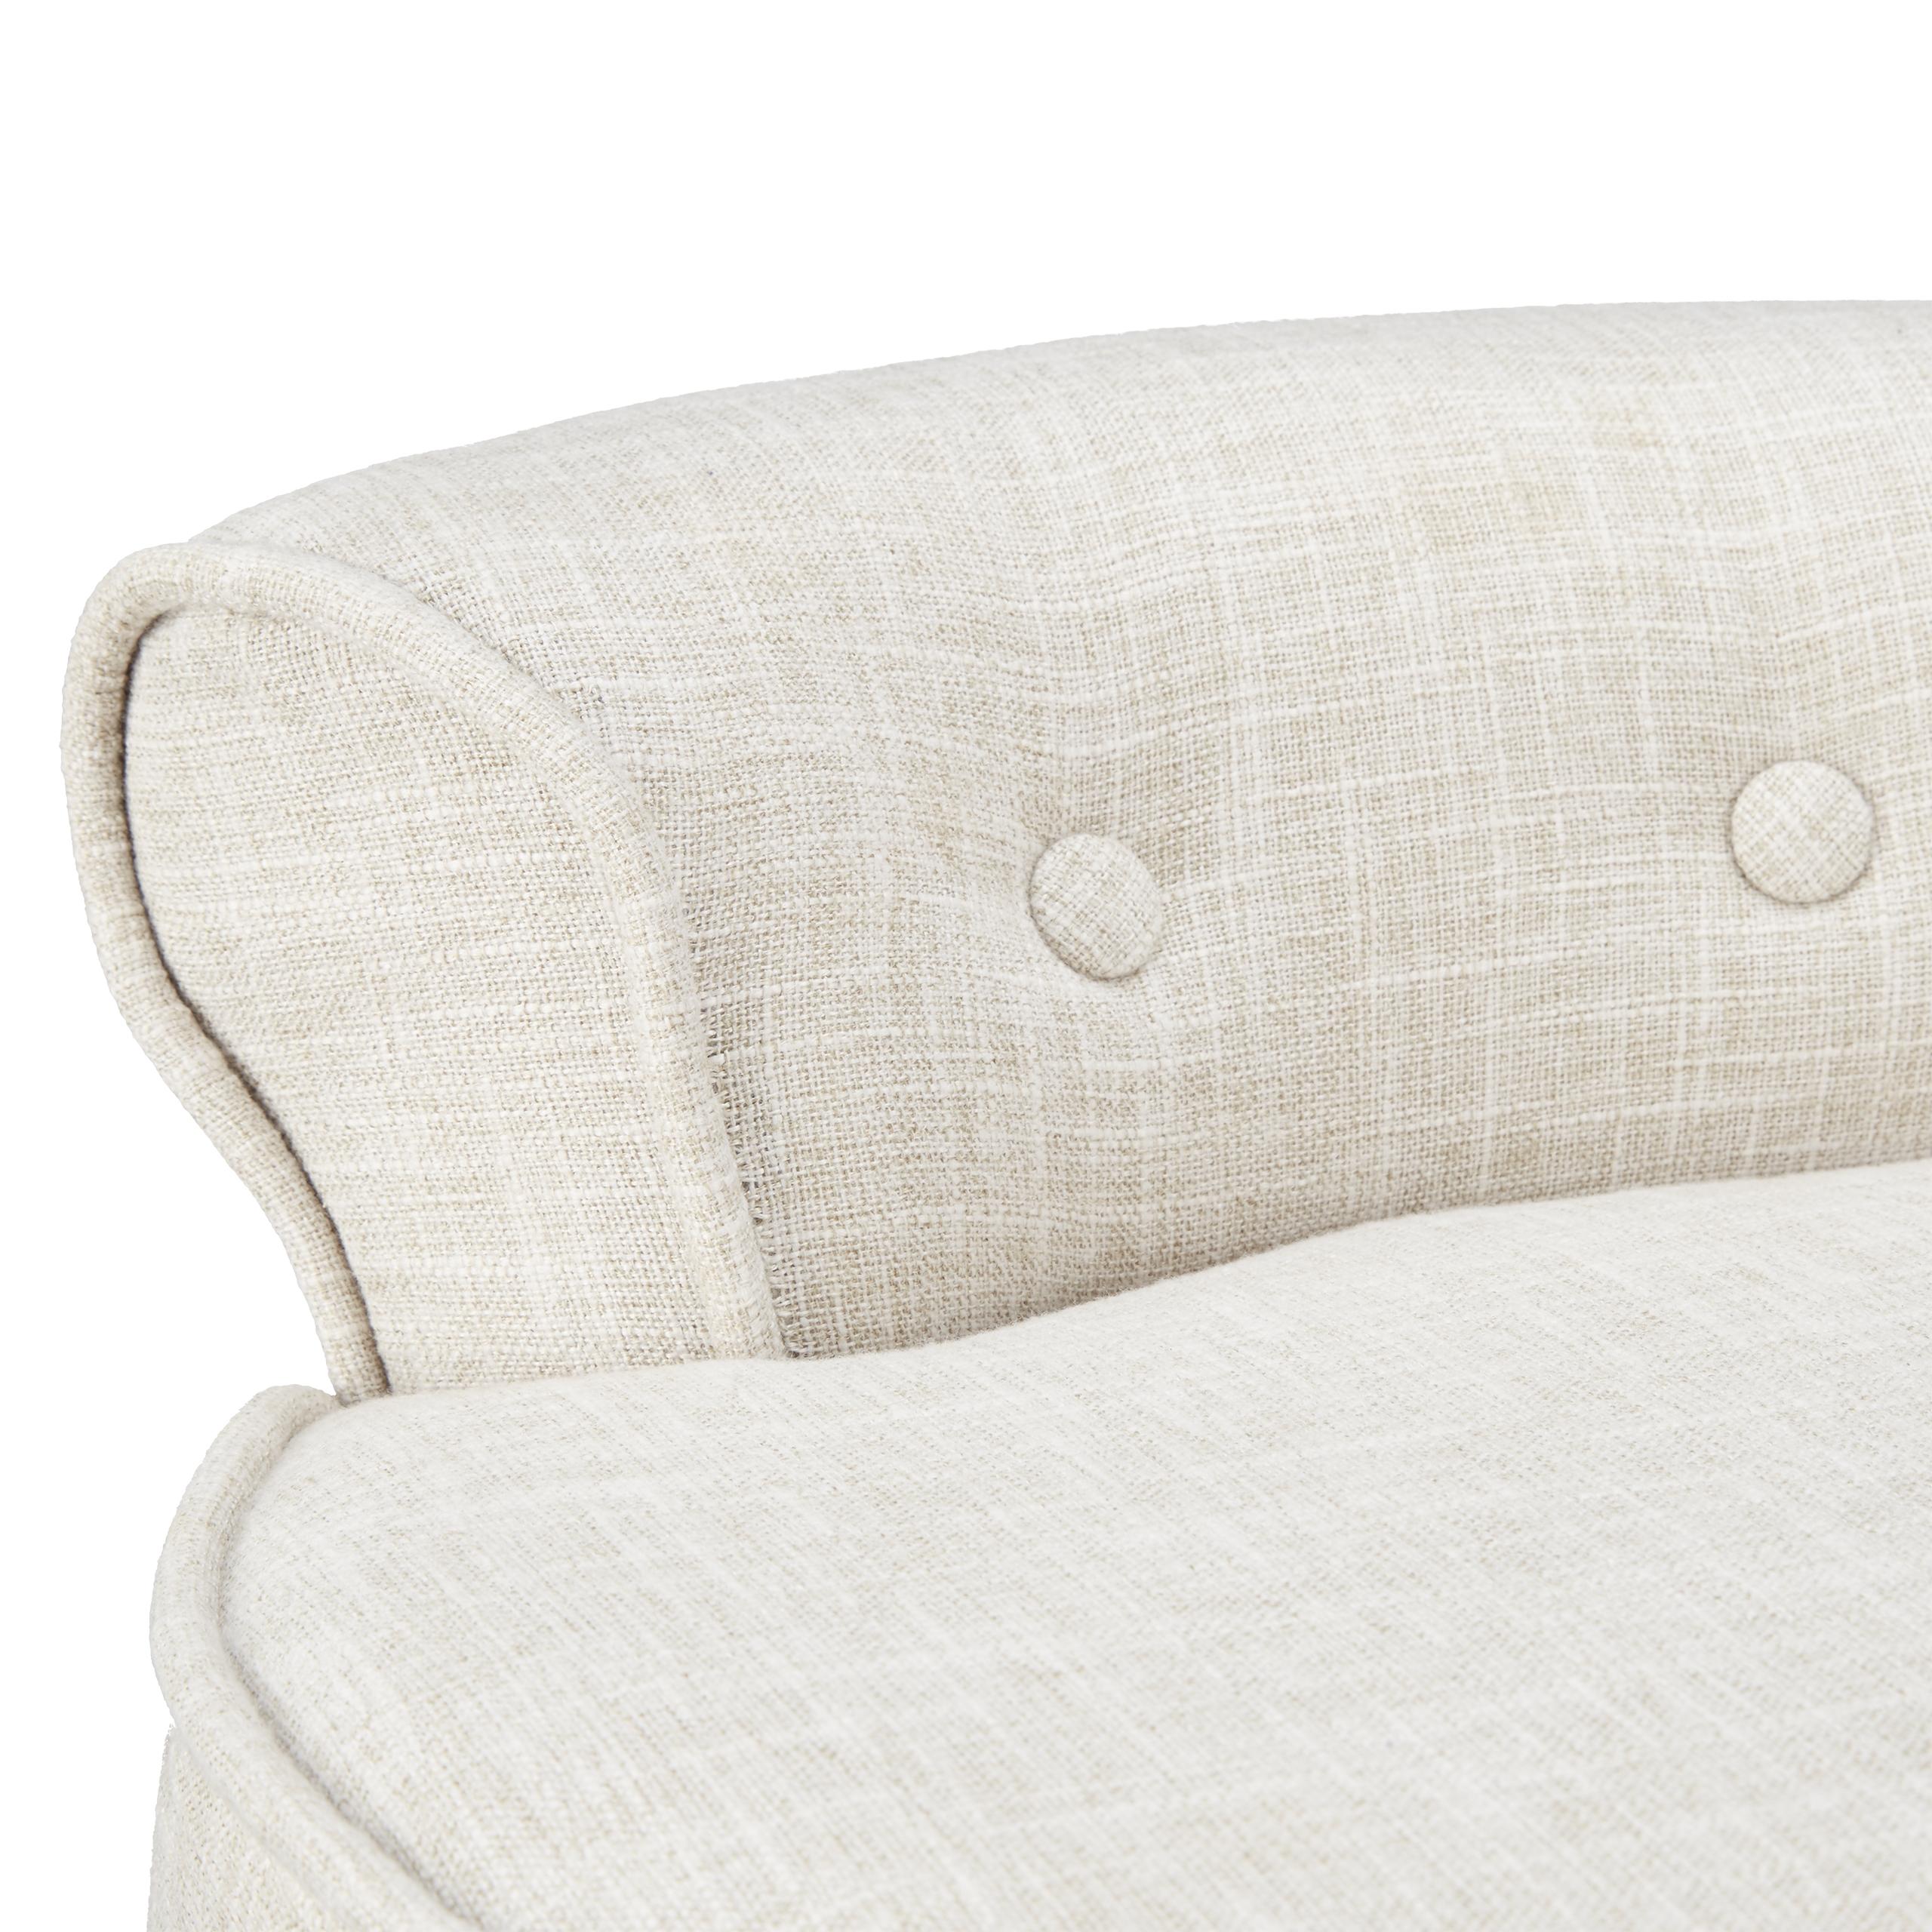 Stuhl Weiß Niedrige Lehne Sitzhocker Polsterstuhl Stoff